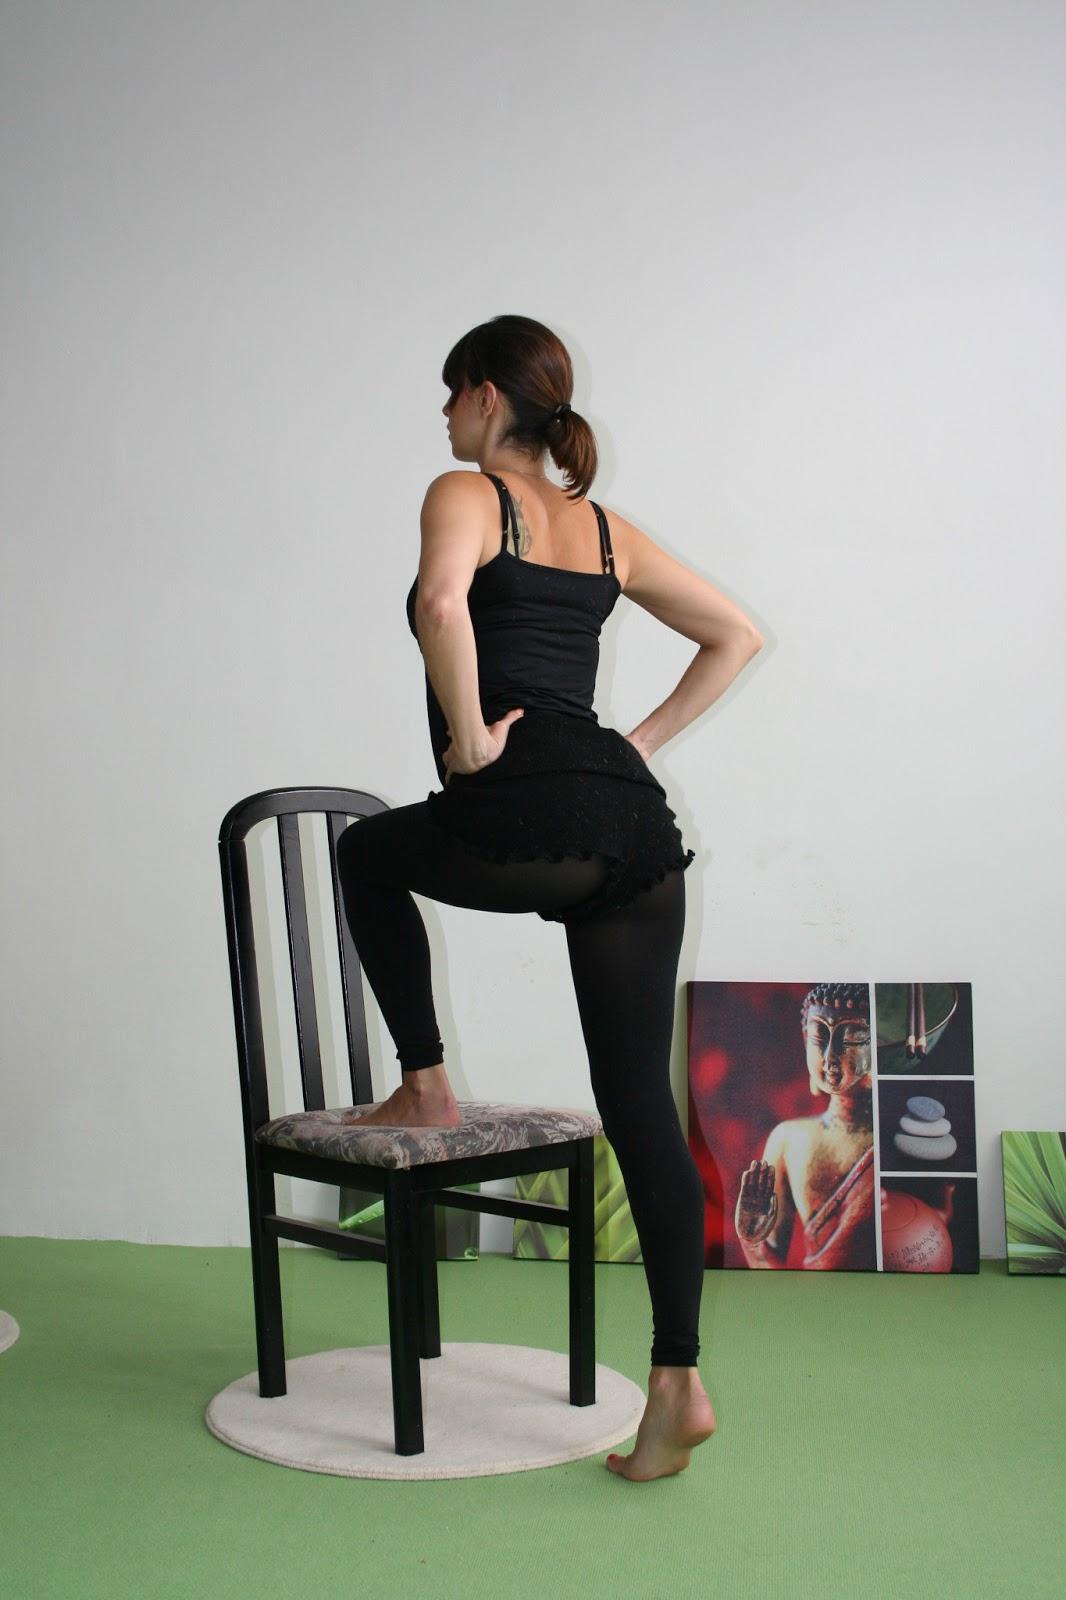 Exercices de gym la maison 4 la chaise ma petite niche for La maison de la chaise